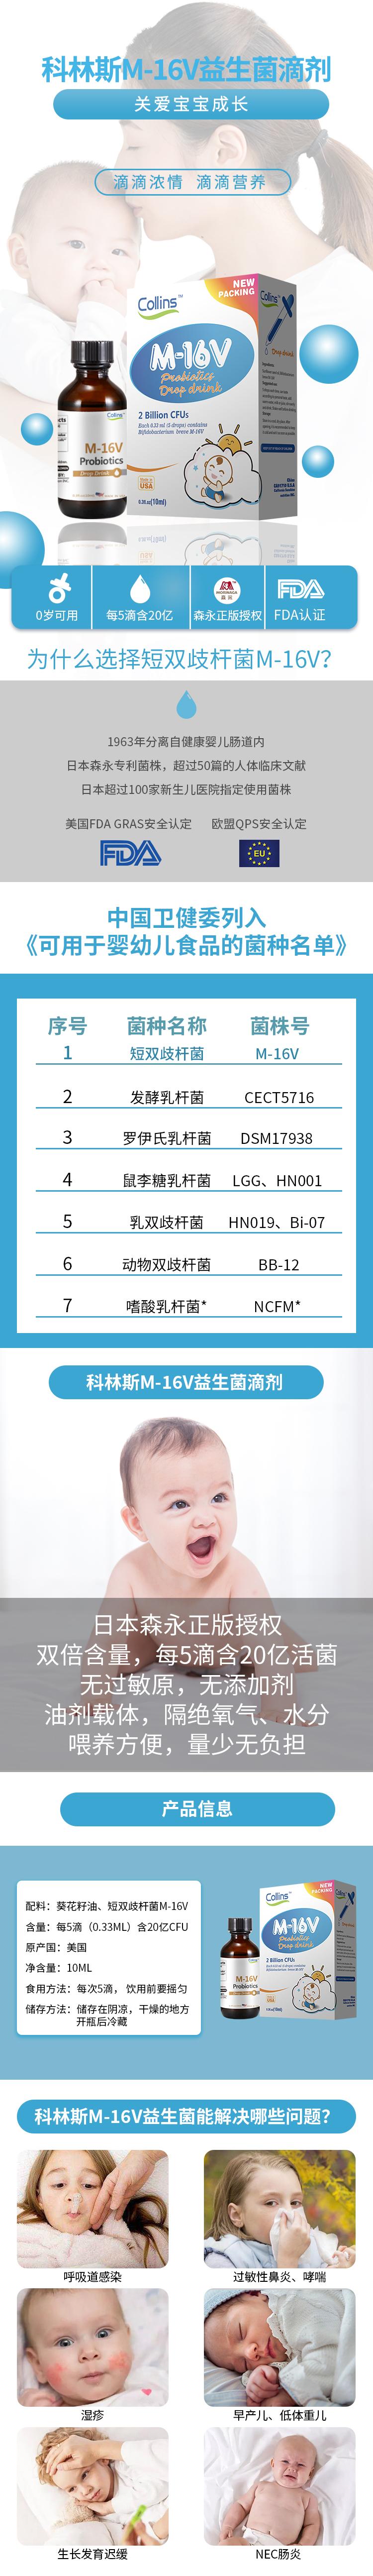 M-16V详情页_01.jpg